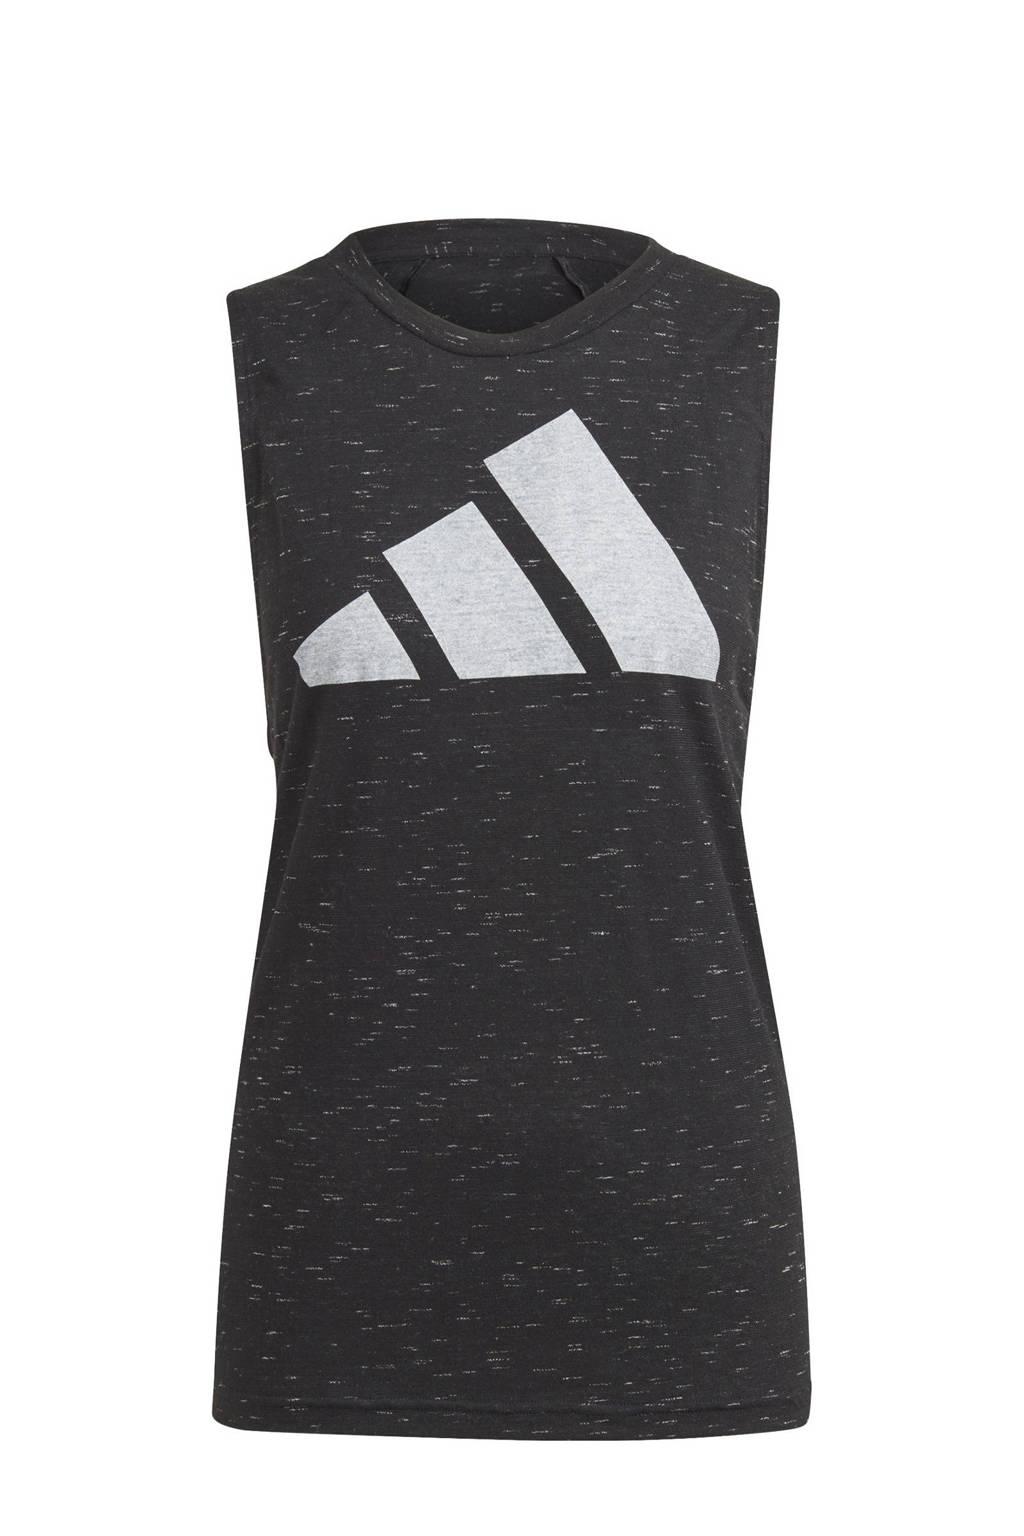 adidas Performance 2.0 Sportwear sporttop zwart, Zwart